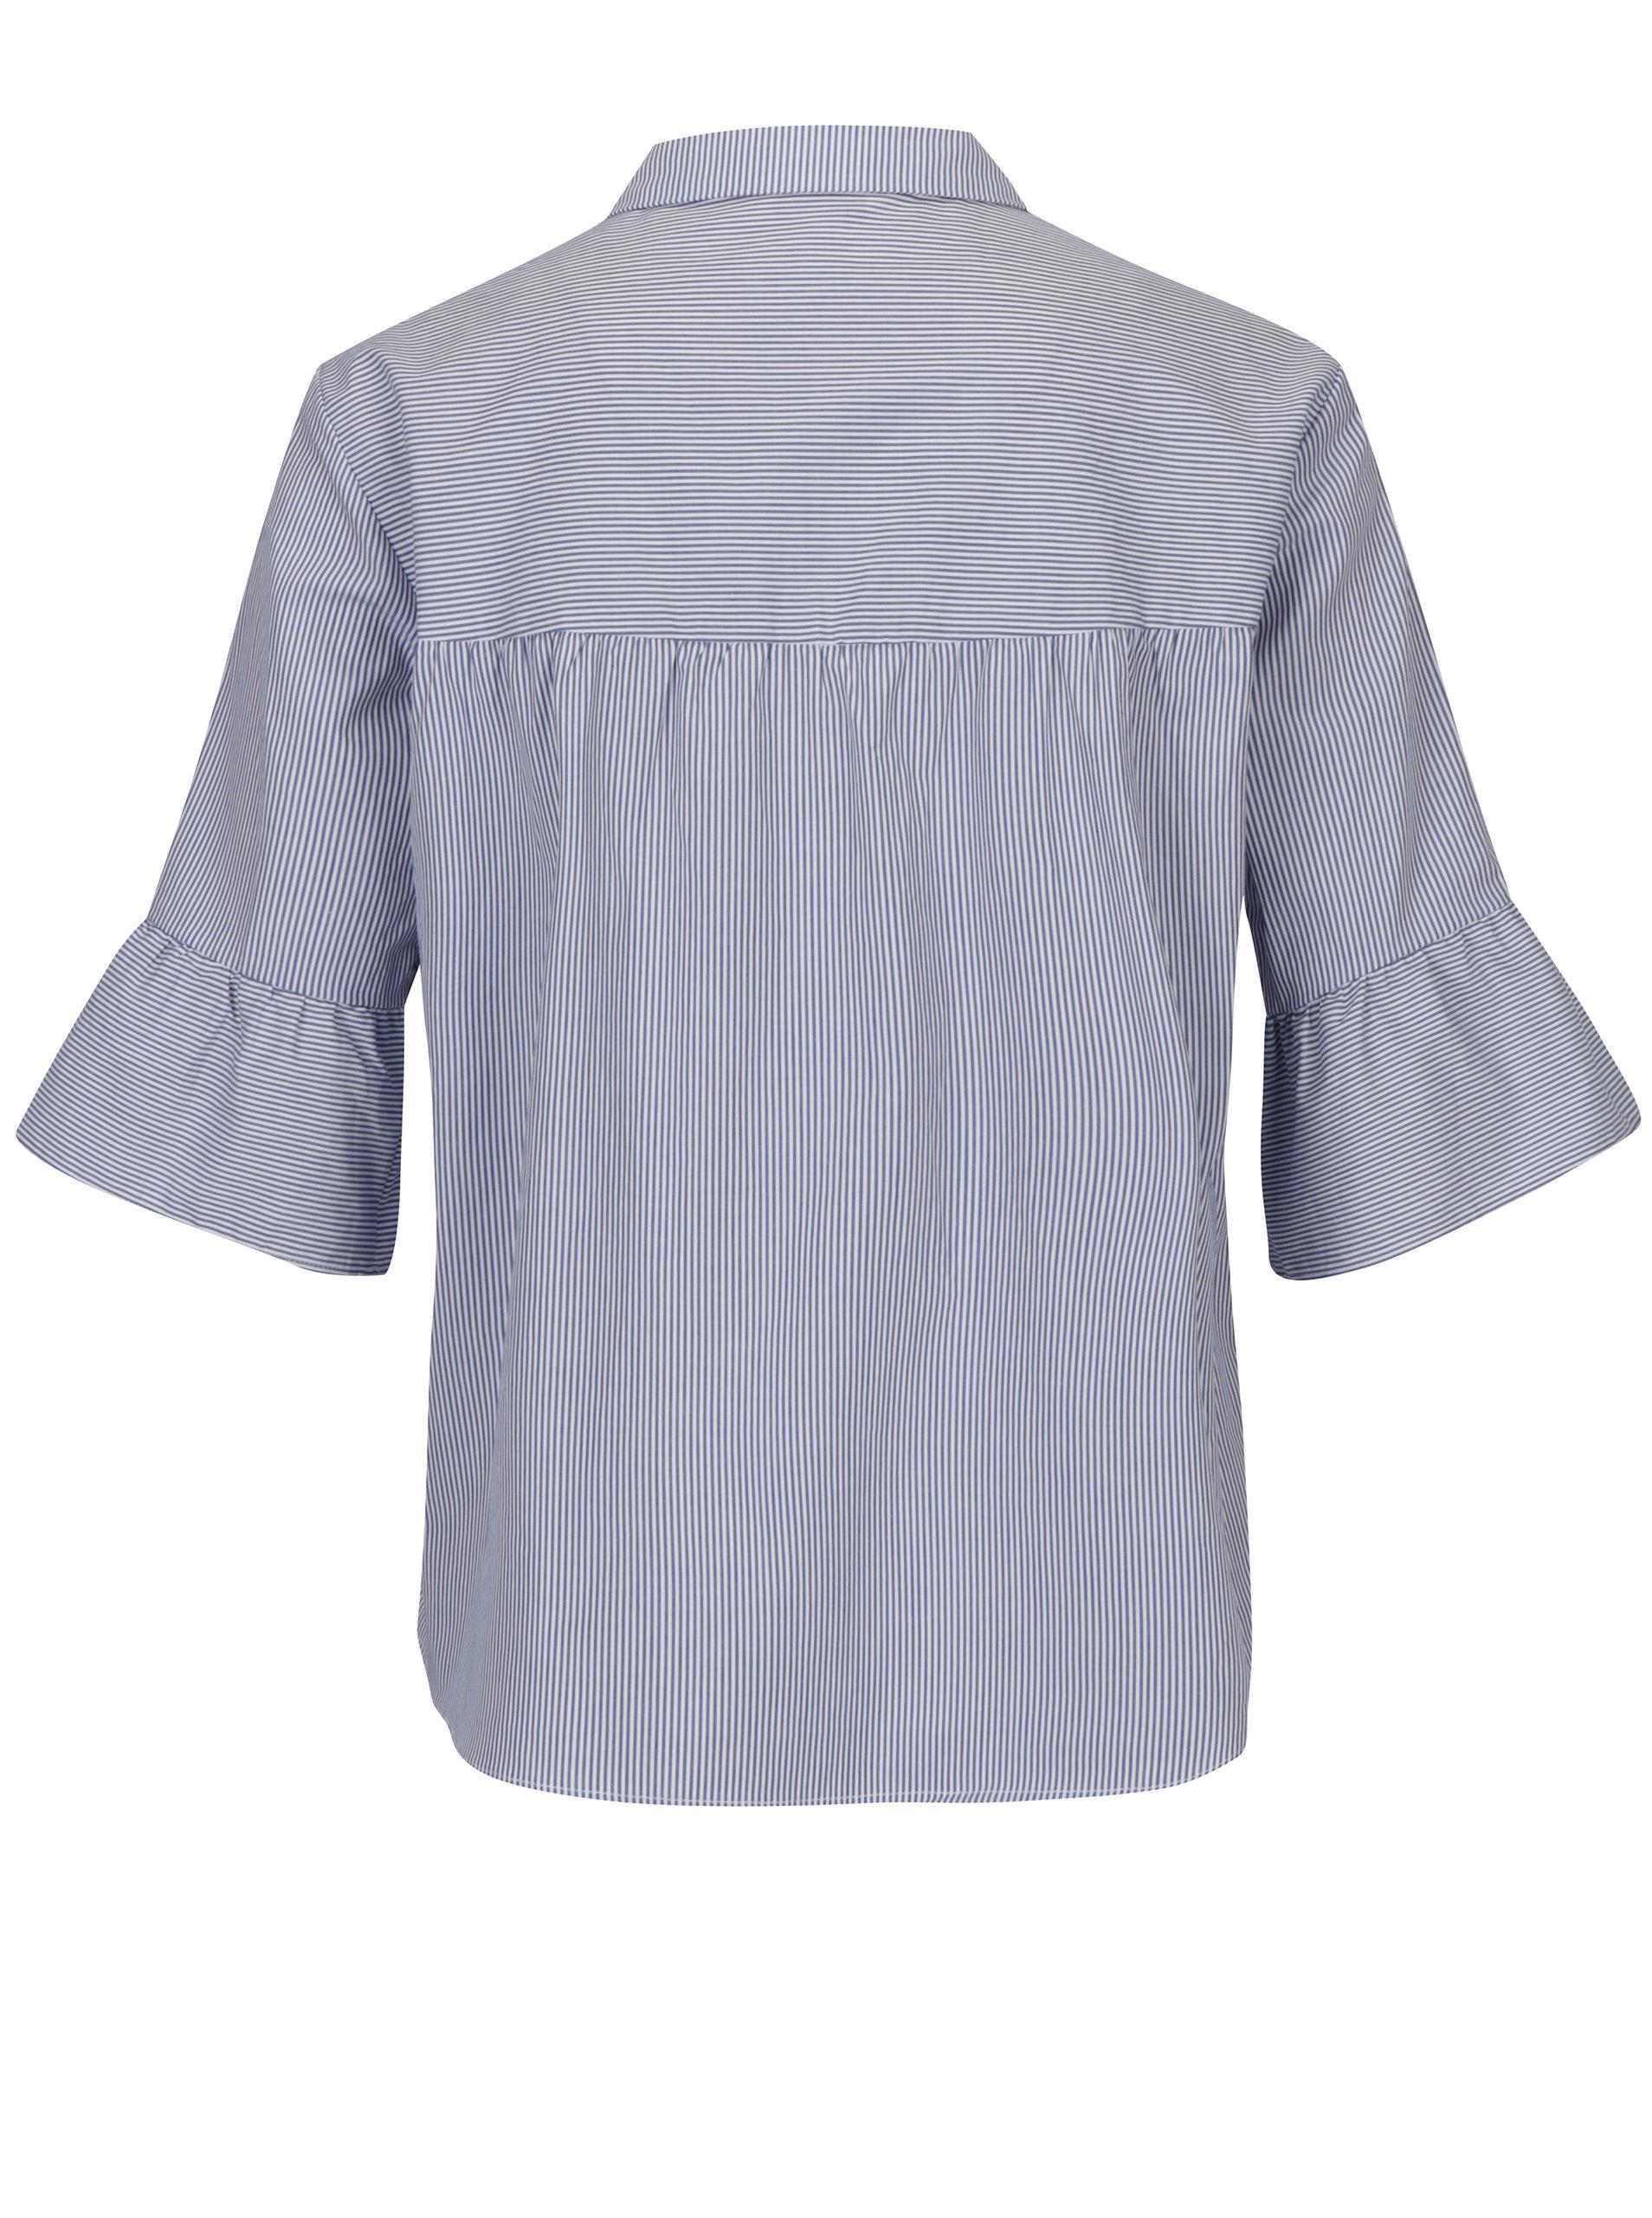 49342f34e248 Bielo-modrá pruhovaná košeľa s 3 4 rukávom Scotch   Soda ...